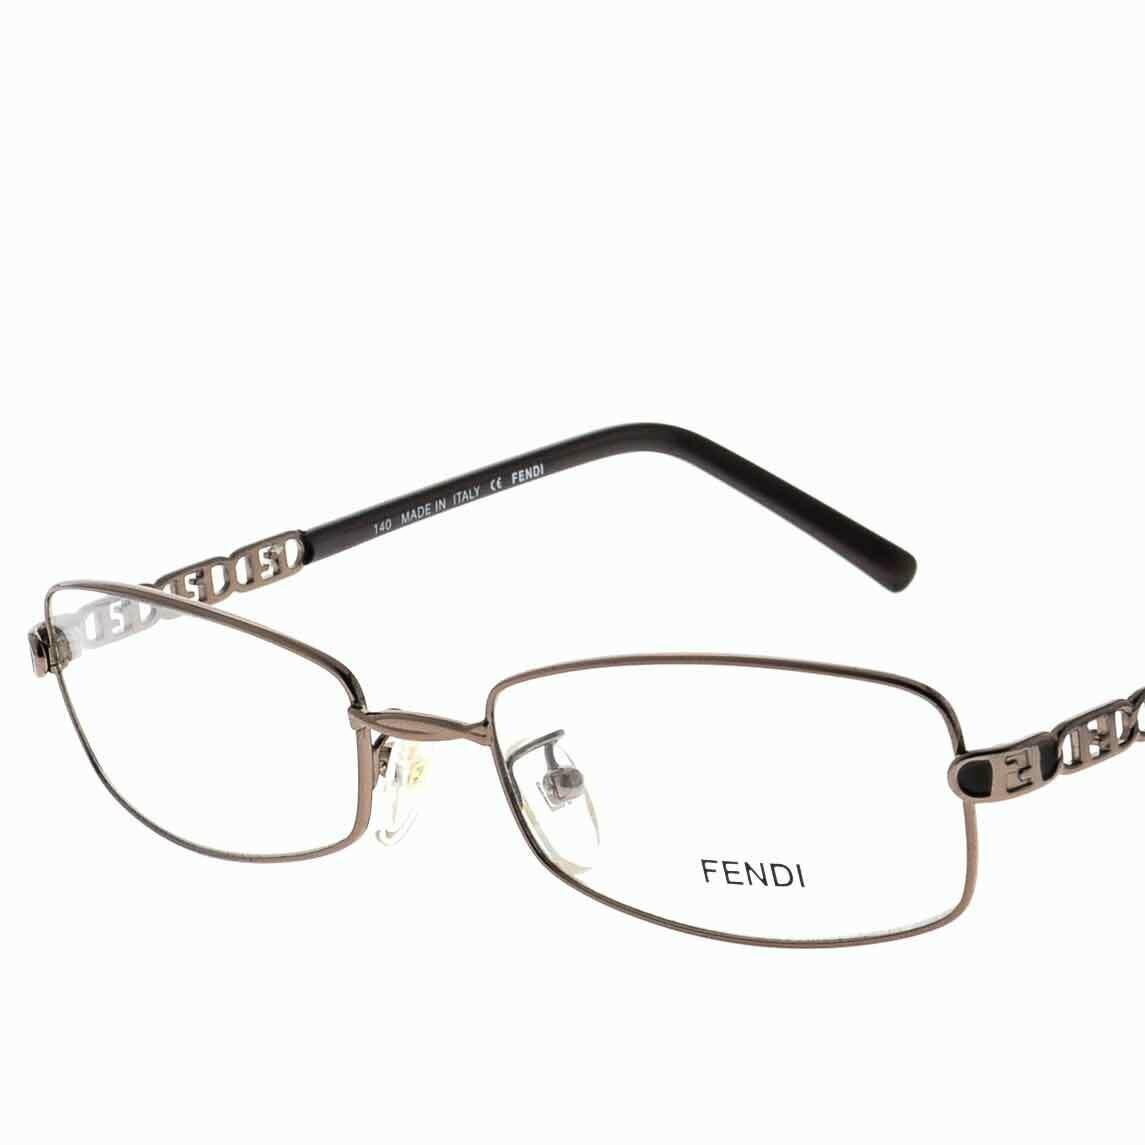 FENDI F725